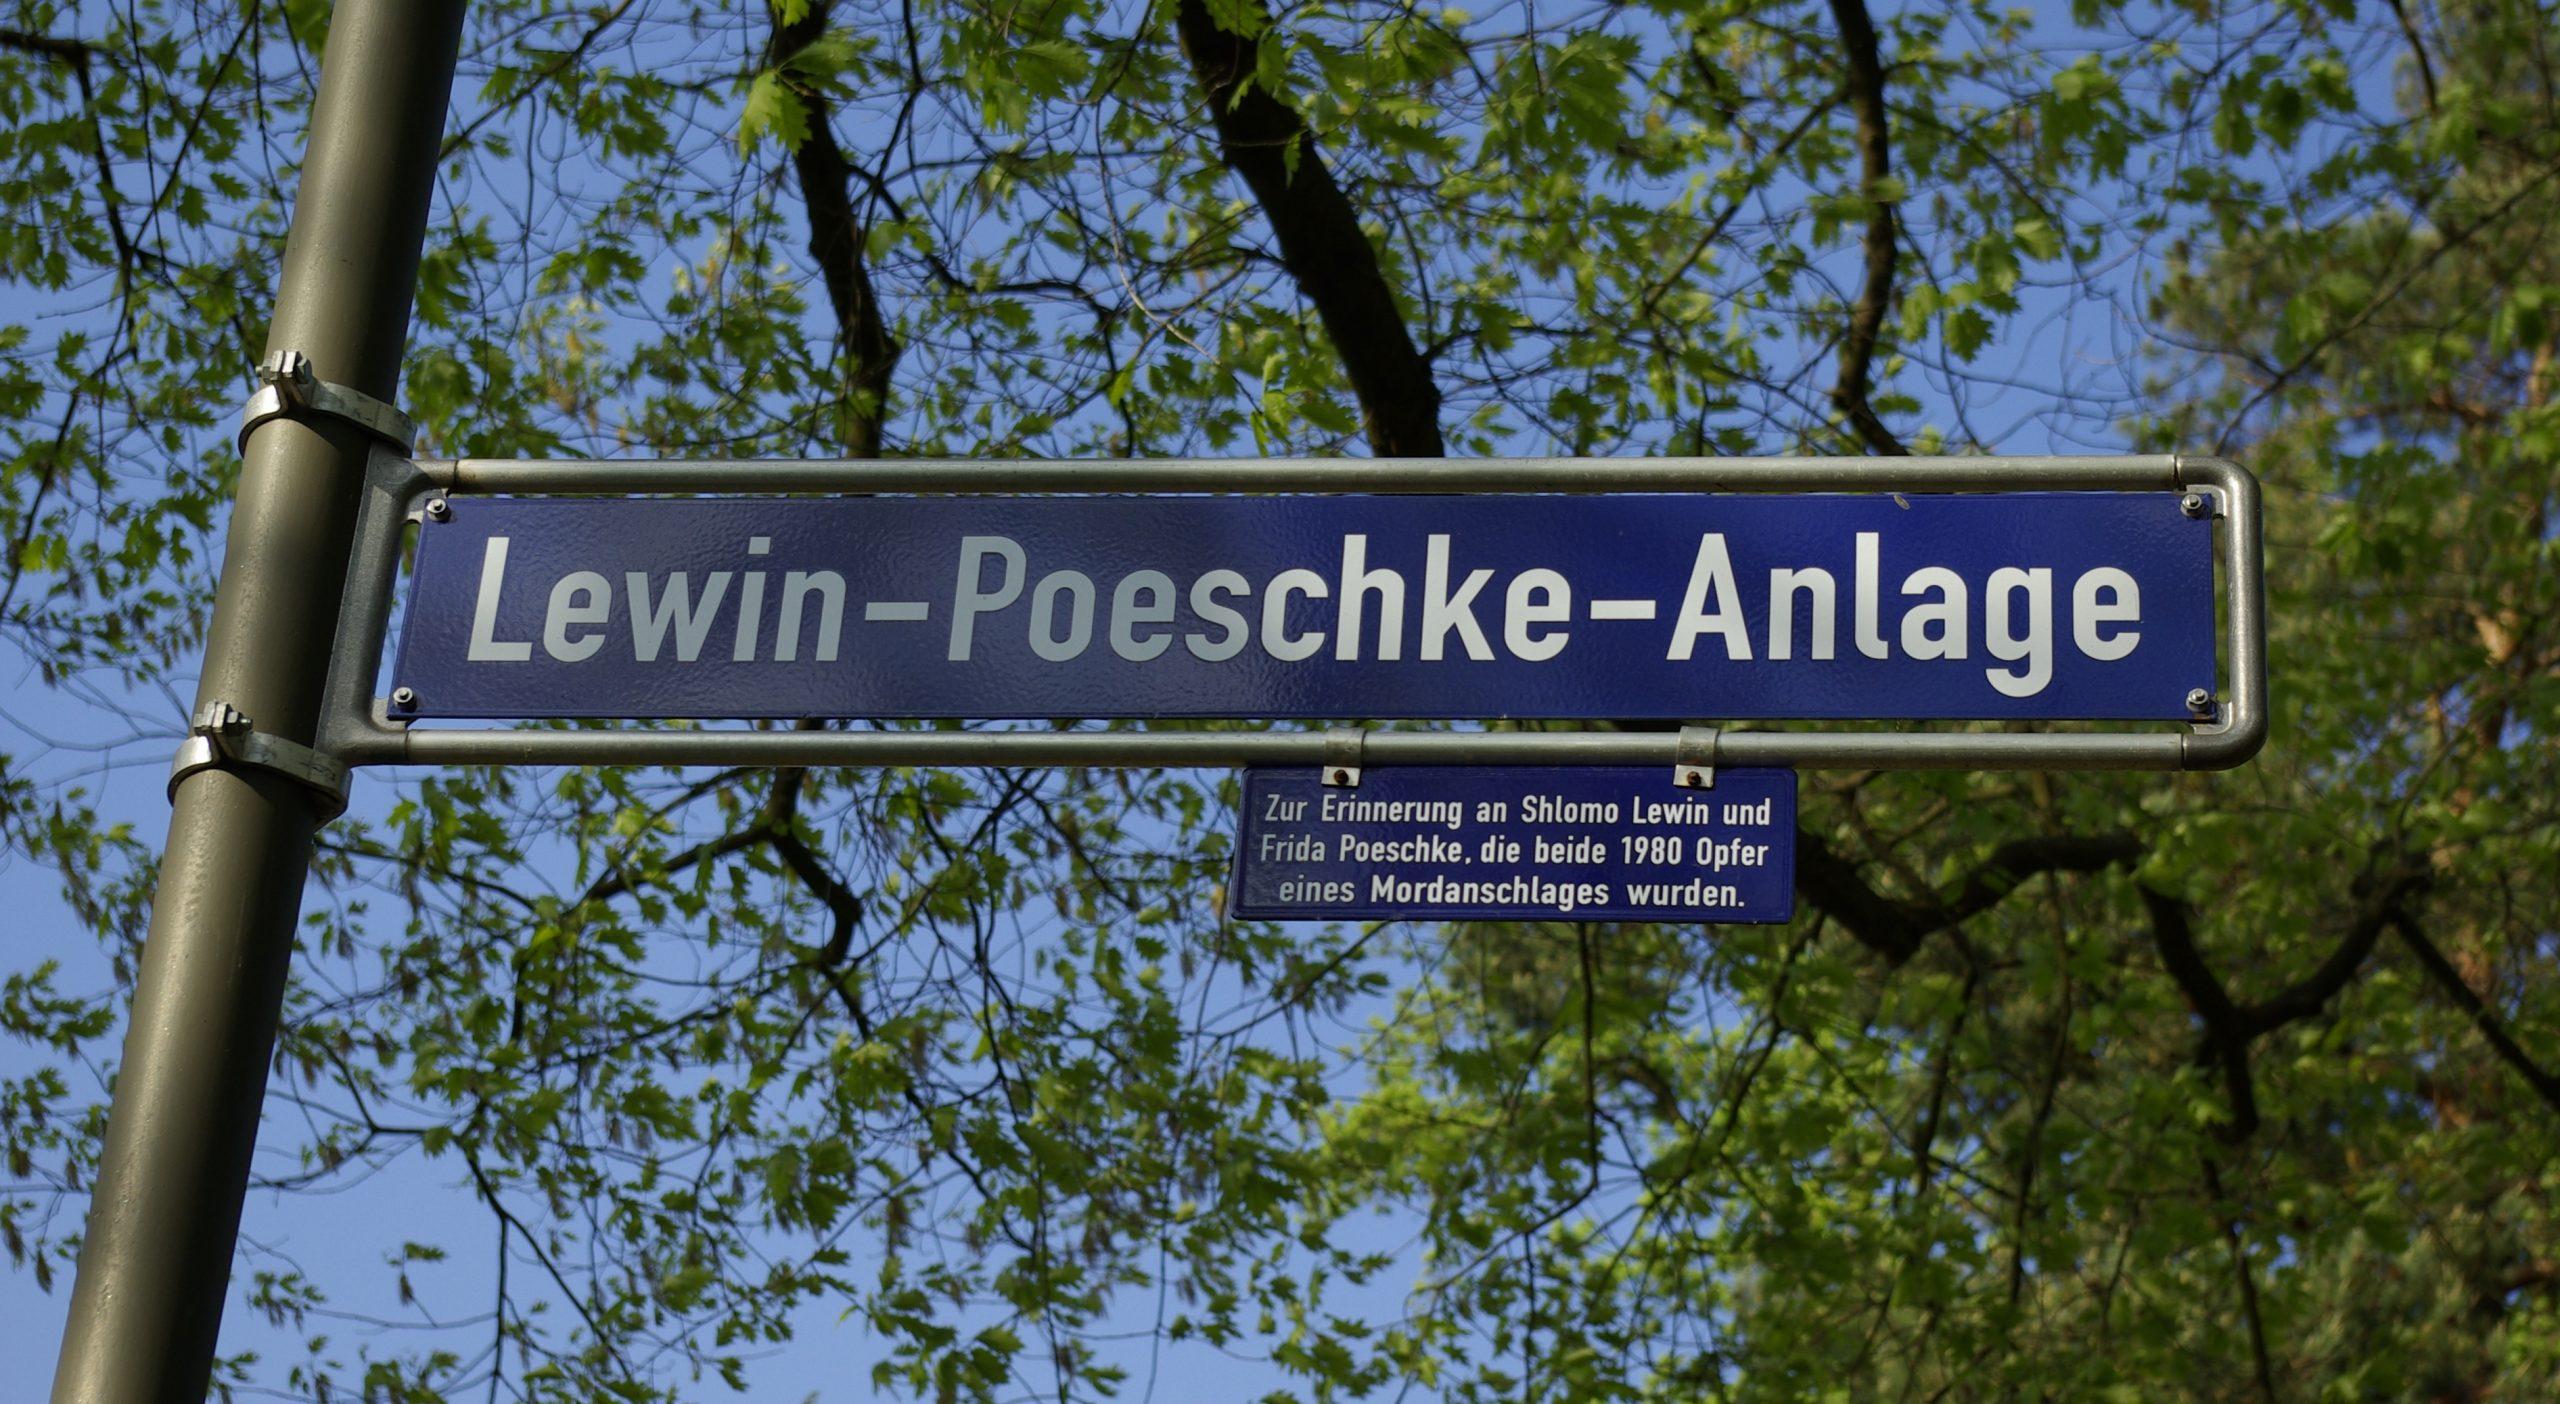 Erlangen_Lewin-Poeschke-Anlage_002